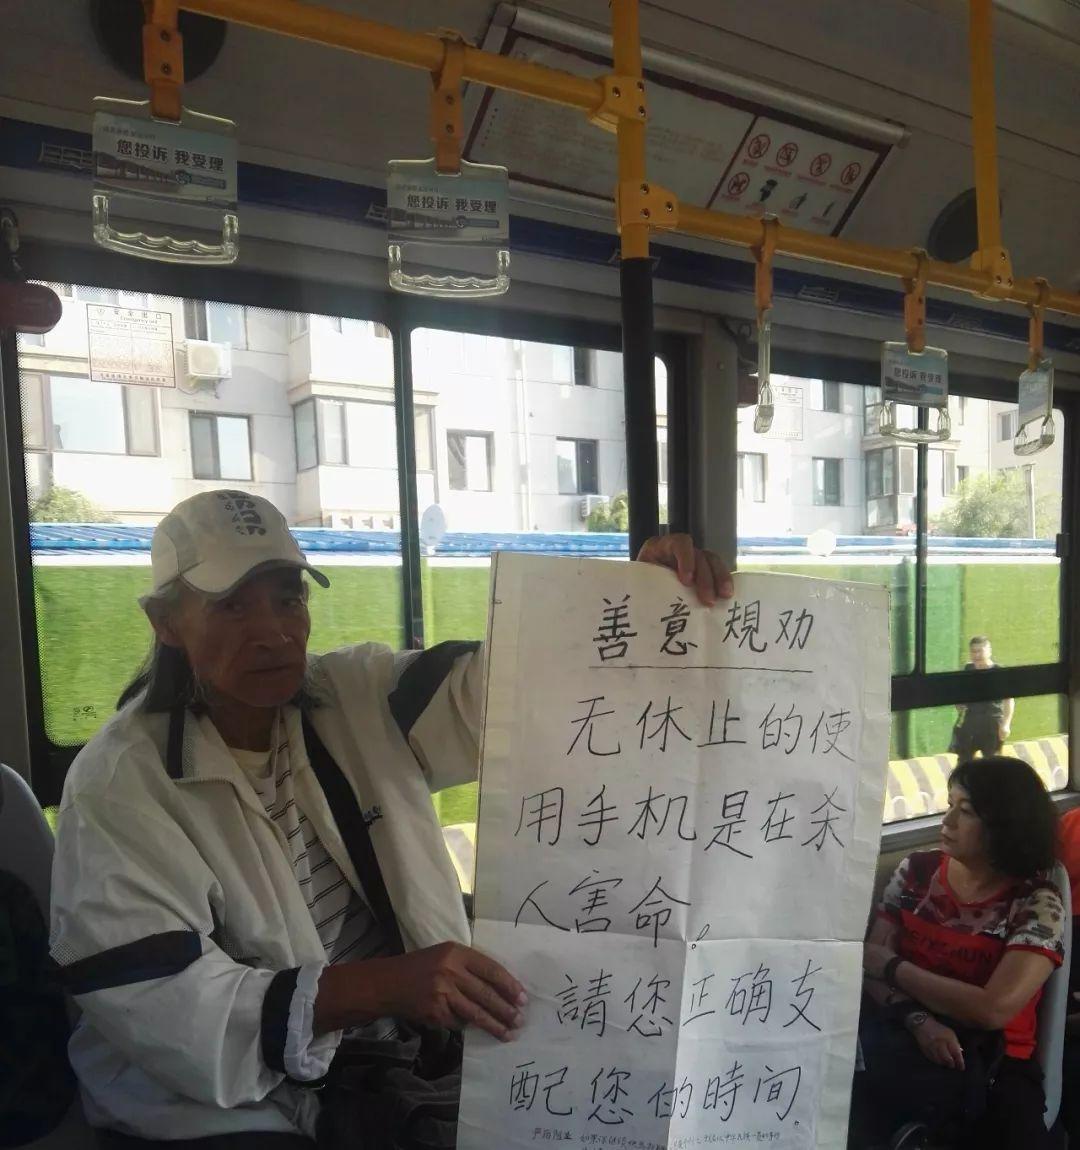 75岁大爷公交举宣传牌:无休止使用手机是杀人害命